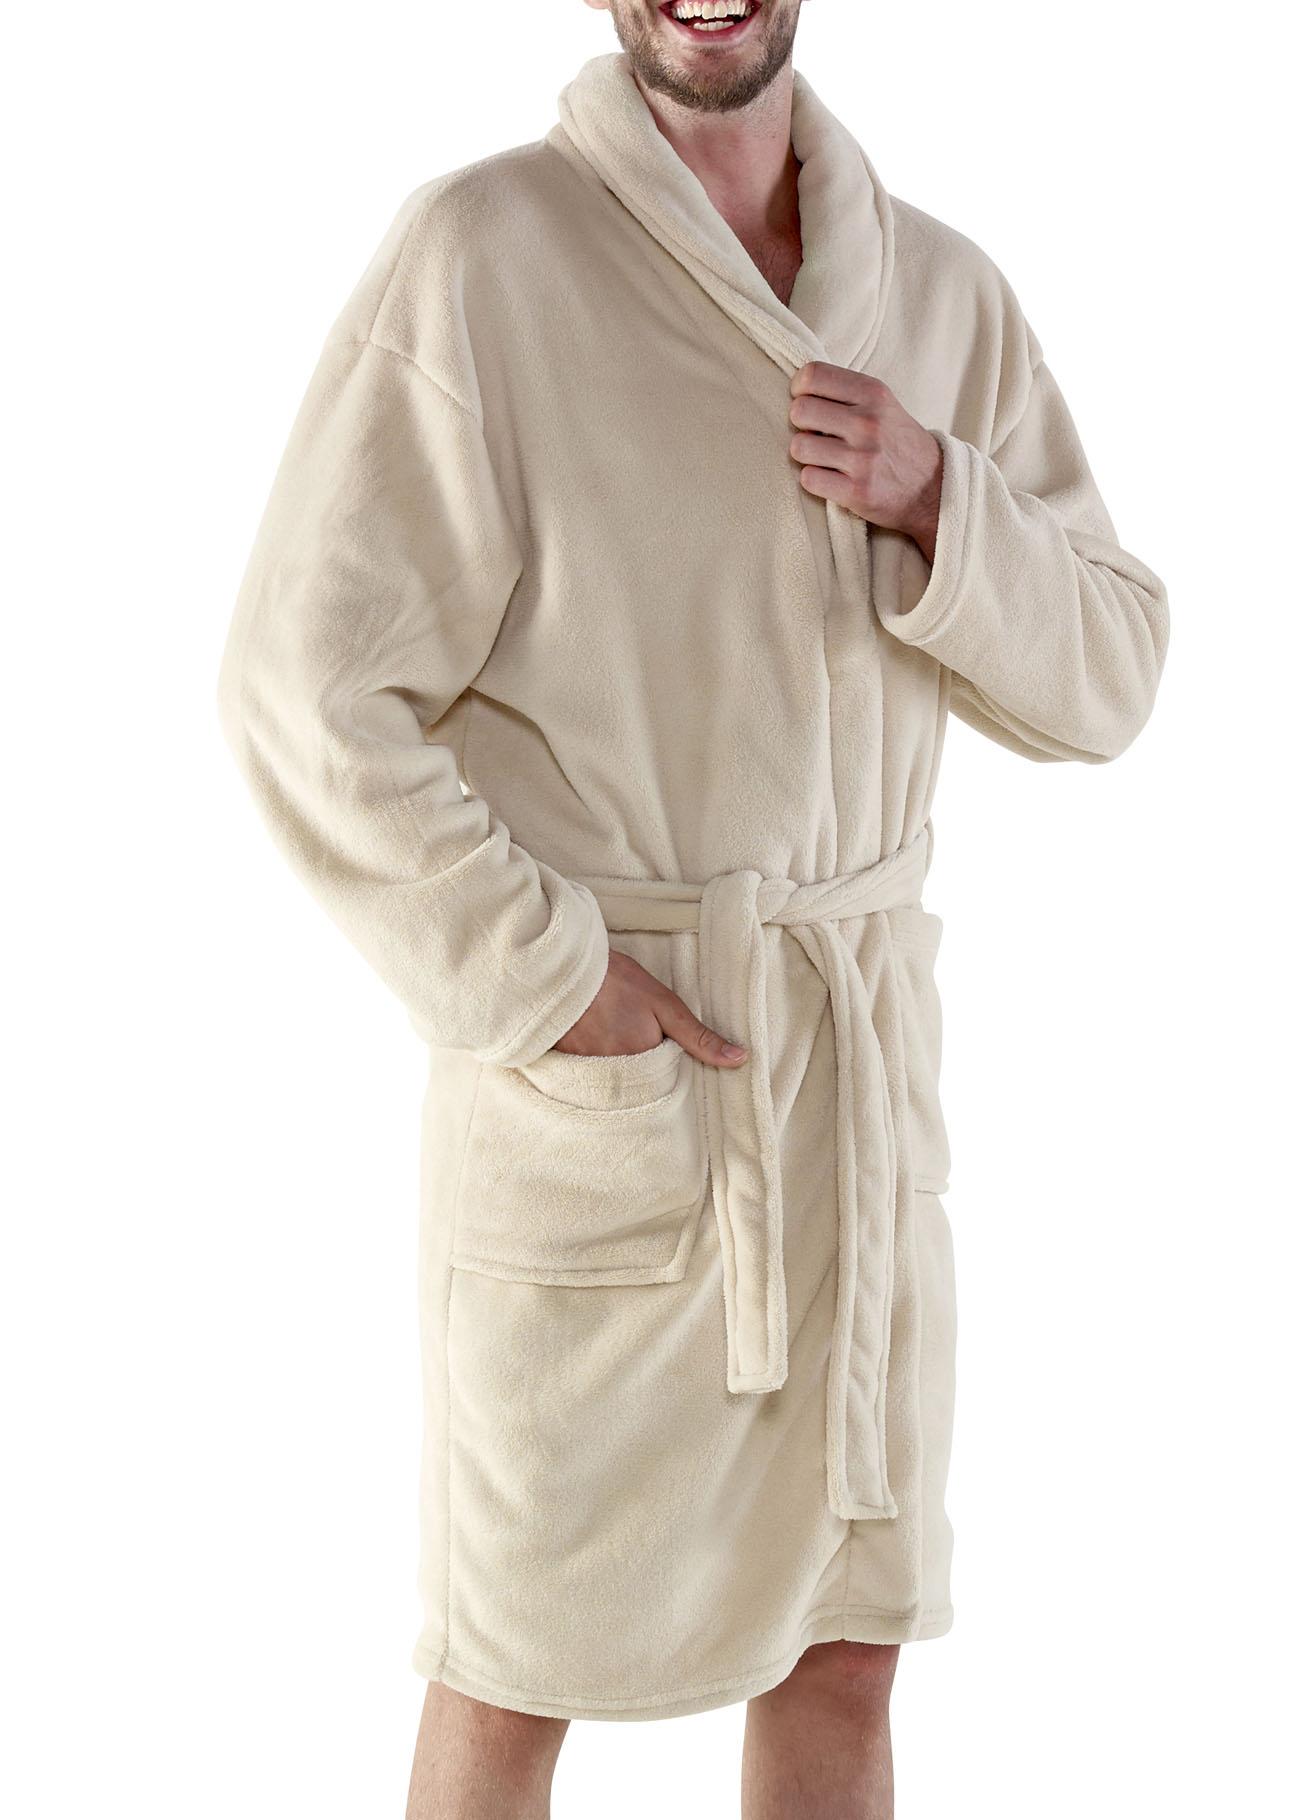 Online gehen Bestseller einkaufen neu kaufen Fleece-Bademantel 'Wellness' « Merkur Werbemittel